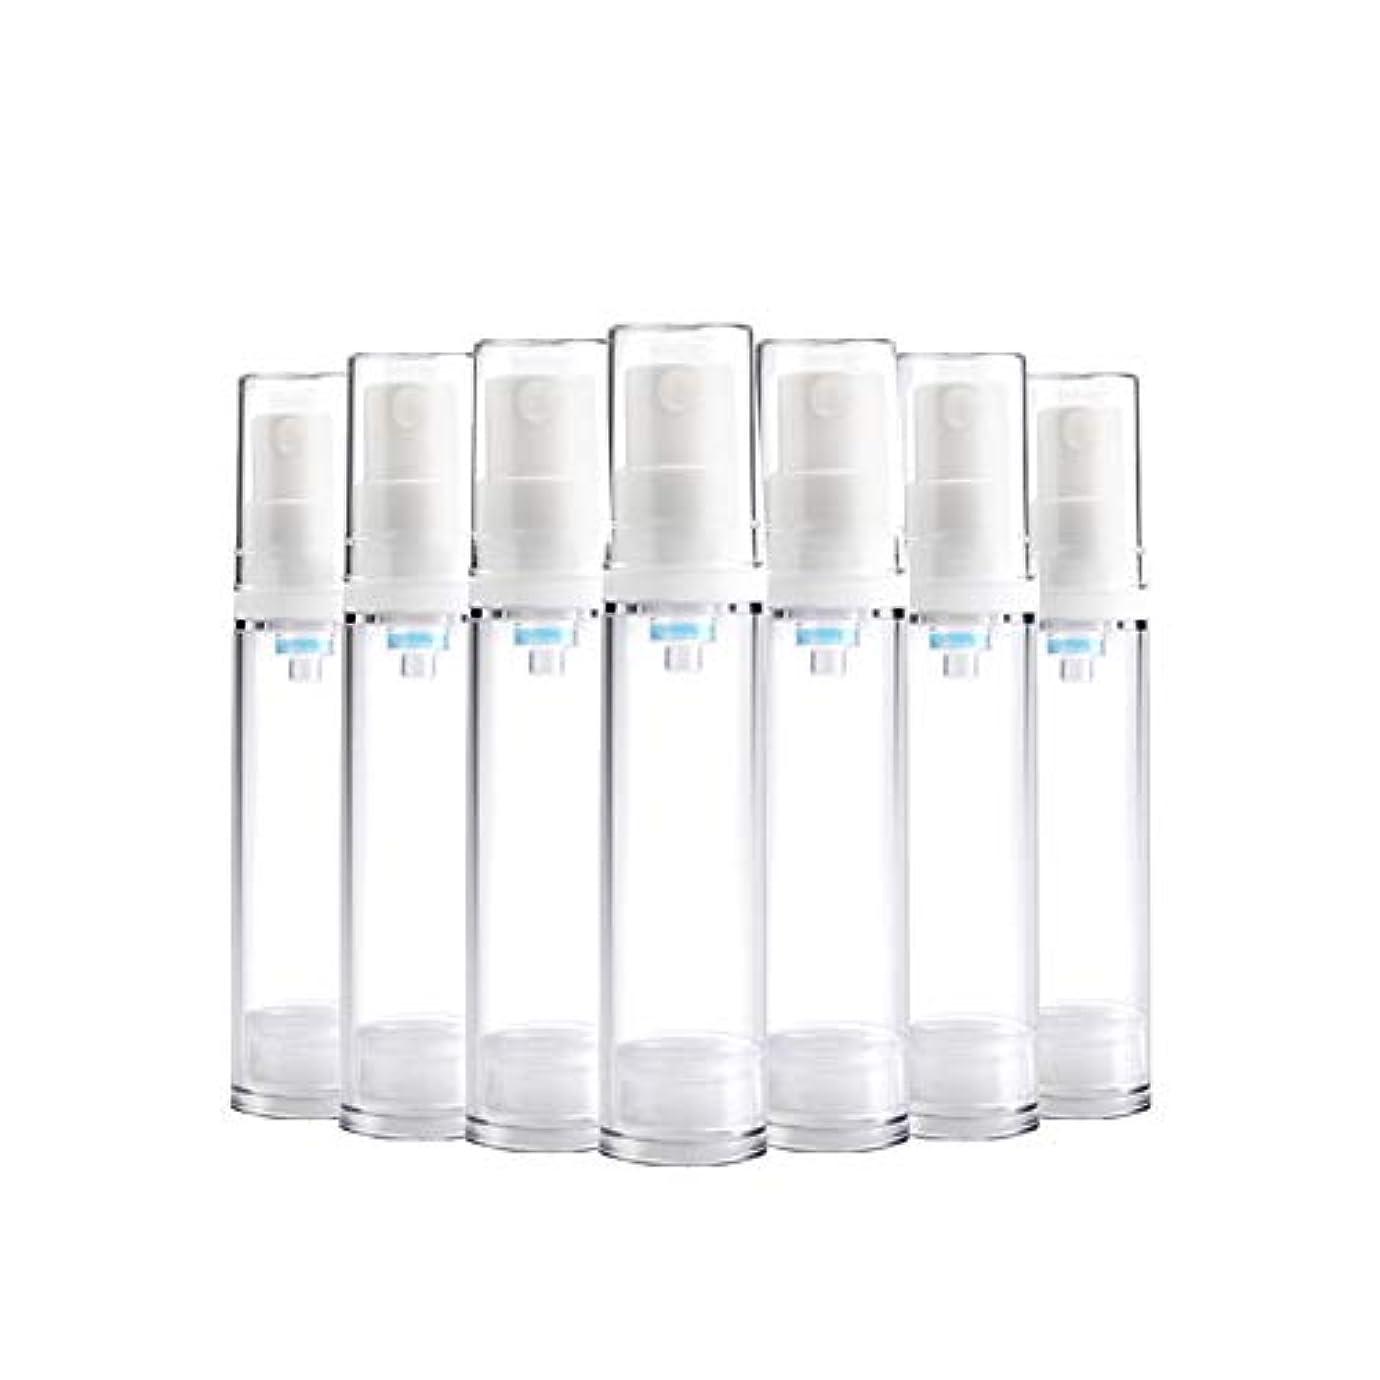 指導するマーチャンダイザー自宅で6 PCS Aspireトランスペアレントプラスチックエアロゾルスプレーボトルエアレスポンプスプレーボトル 詰め替え可能なファインミストエアレススプレー(15ml 30ml) - 30 ml